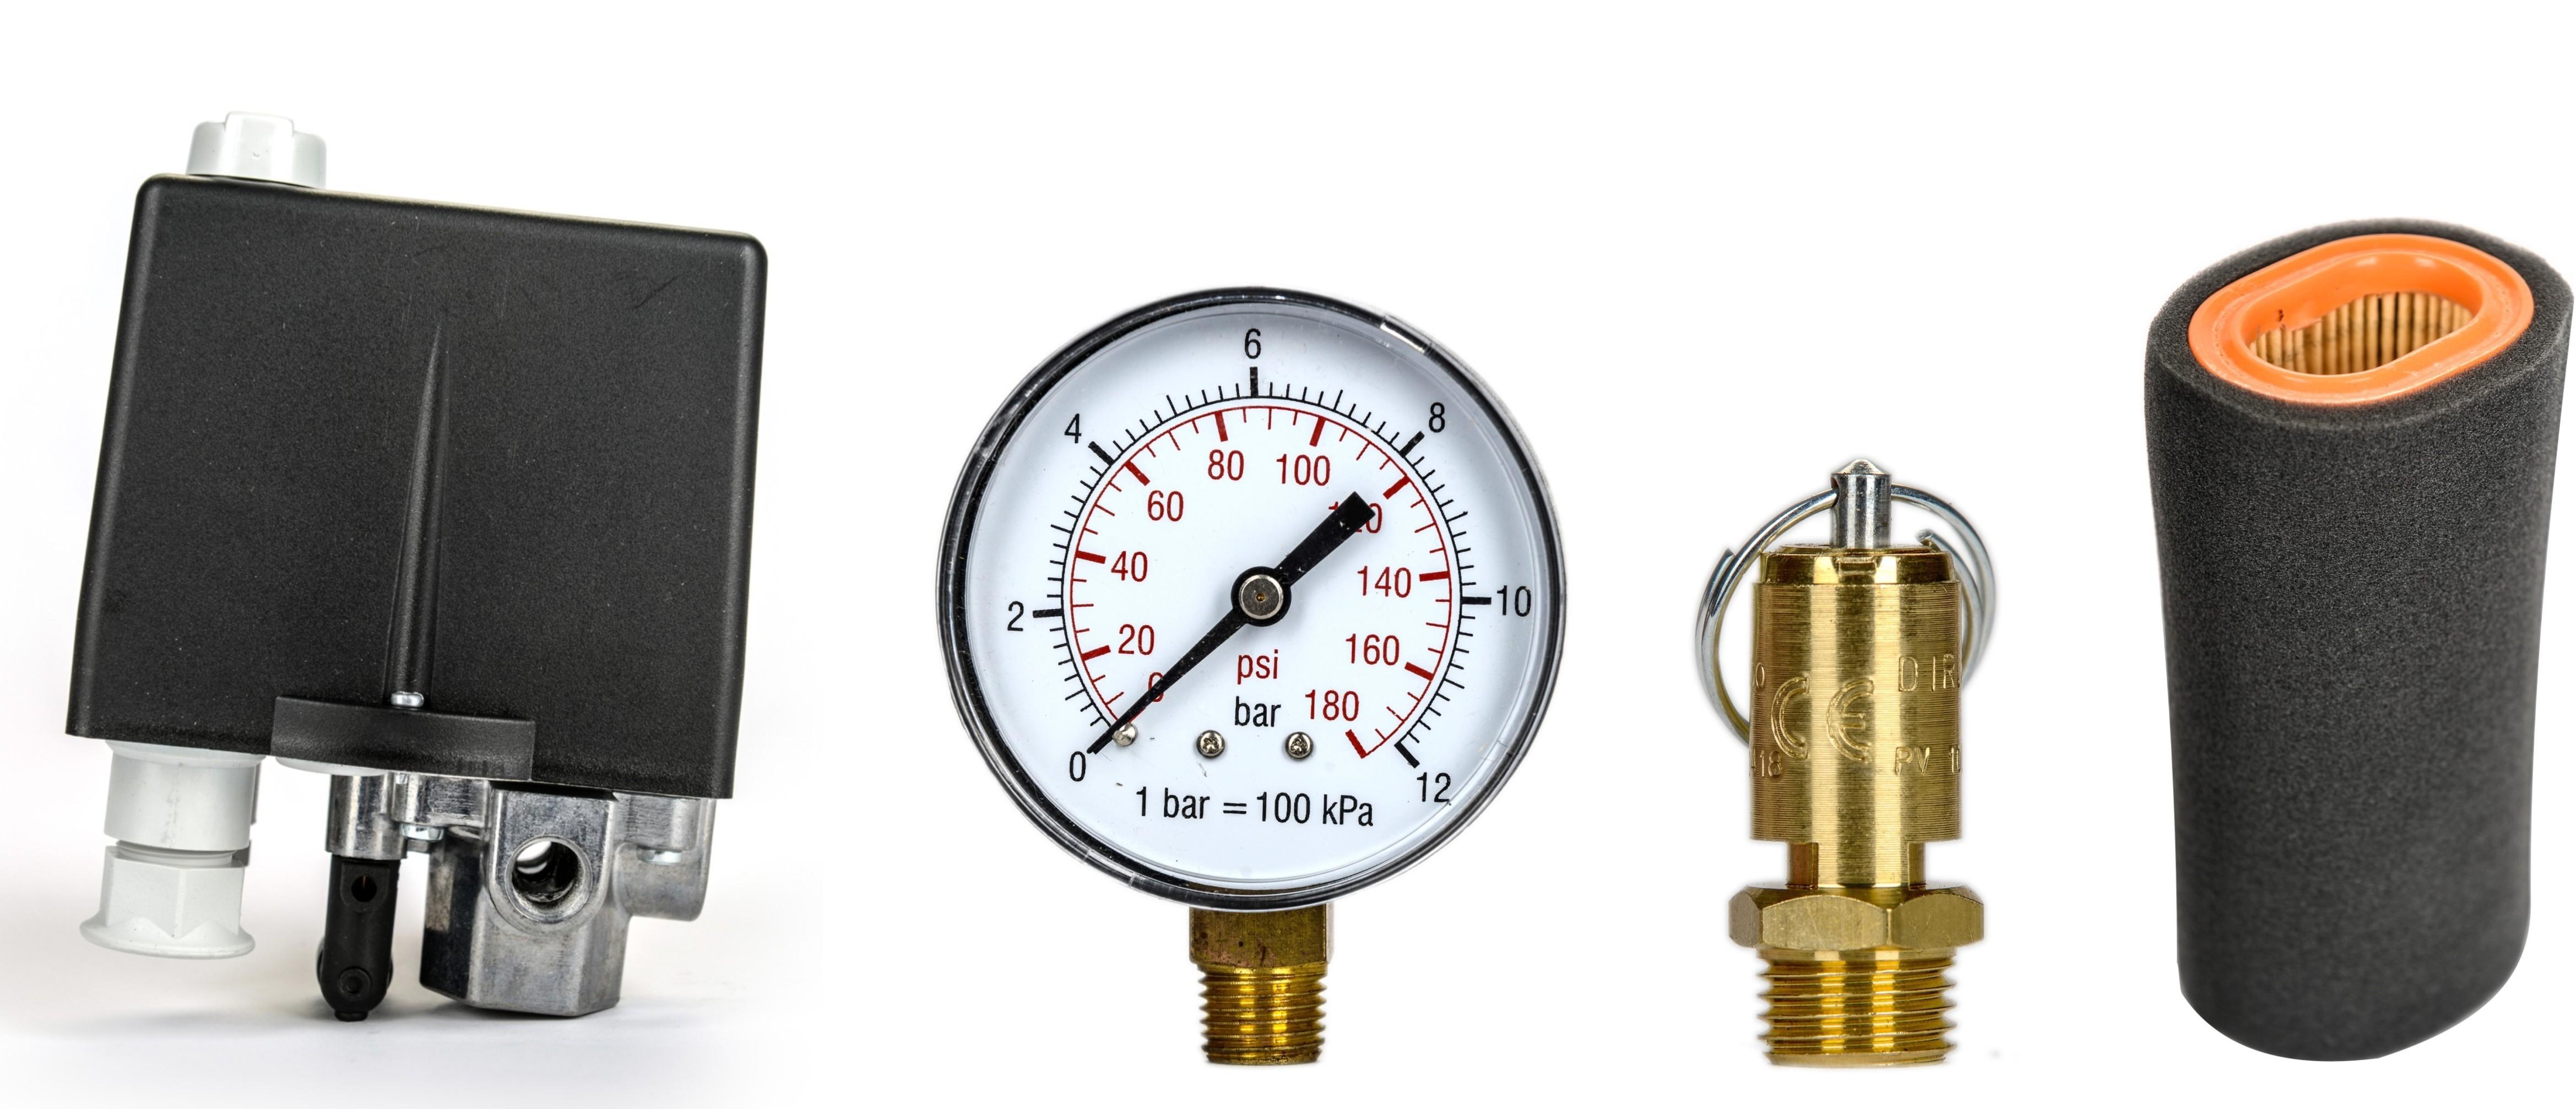 Tartozékok, alkatrészek, légszűrők, olajszűrők kompresszorokhoz